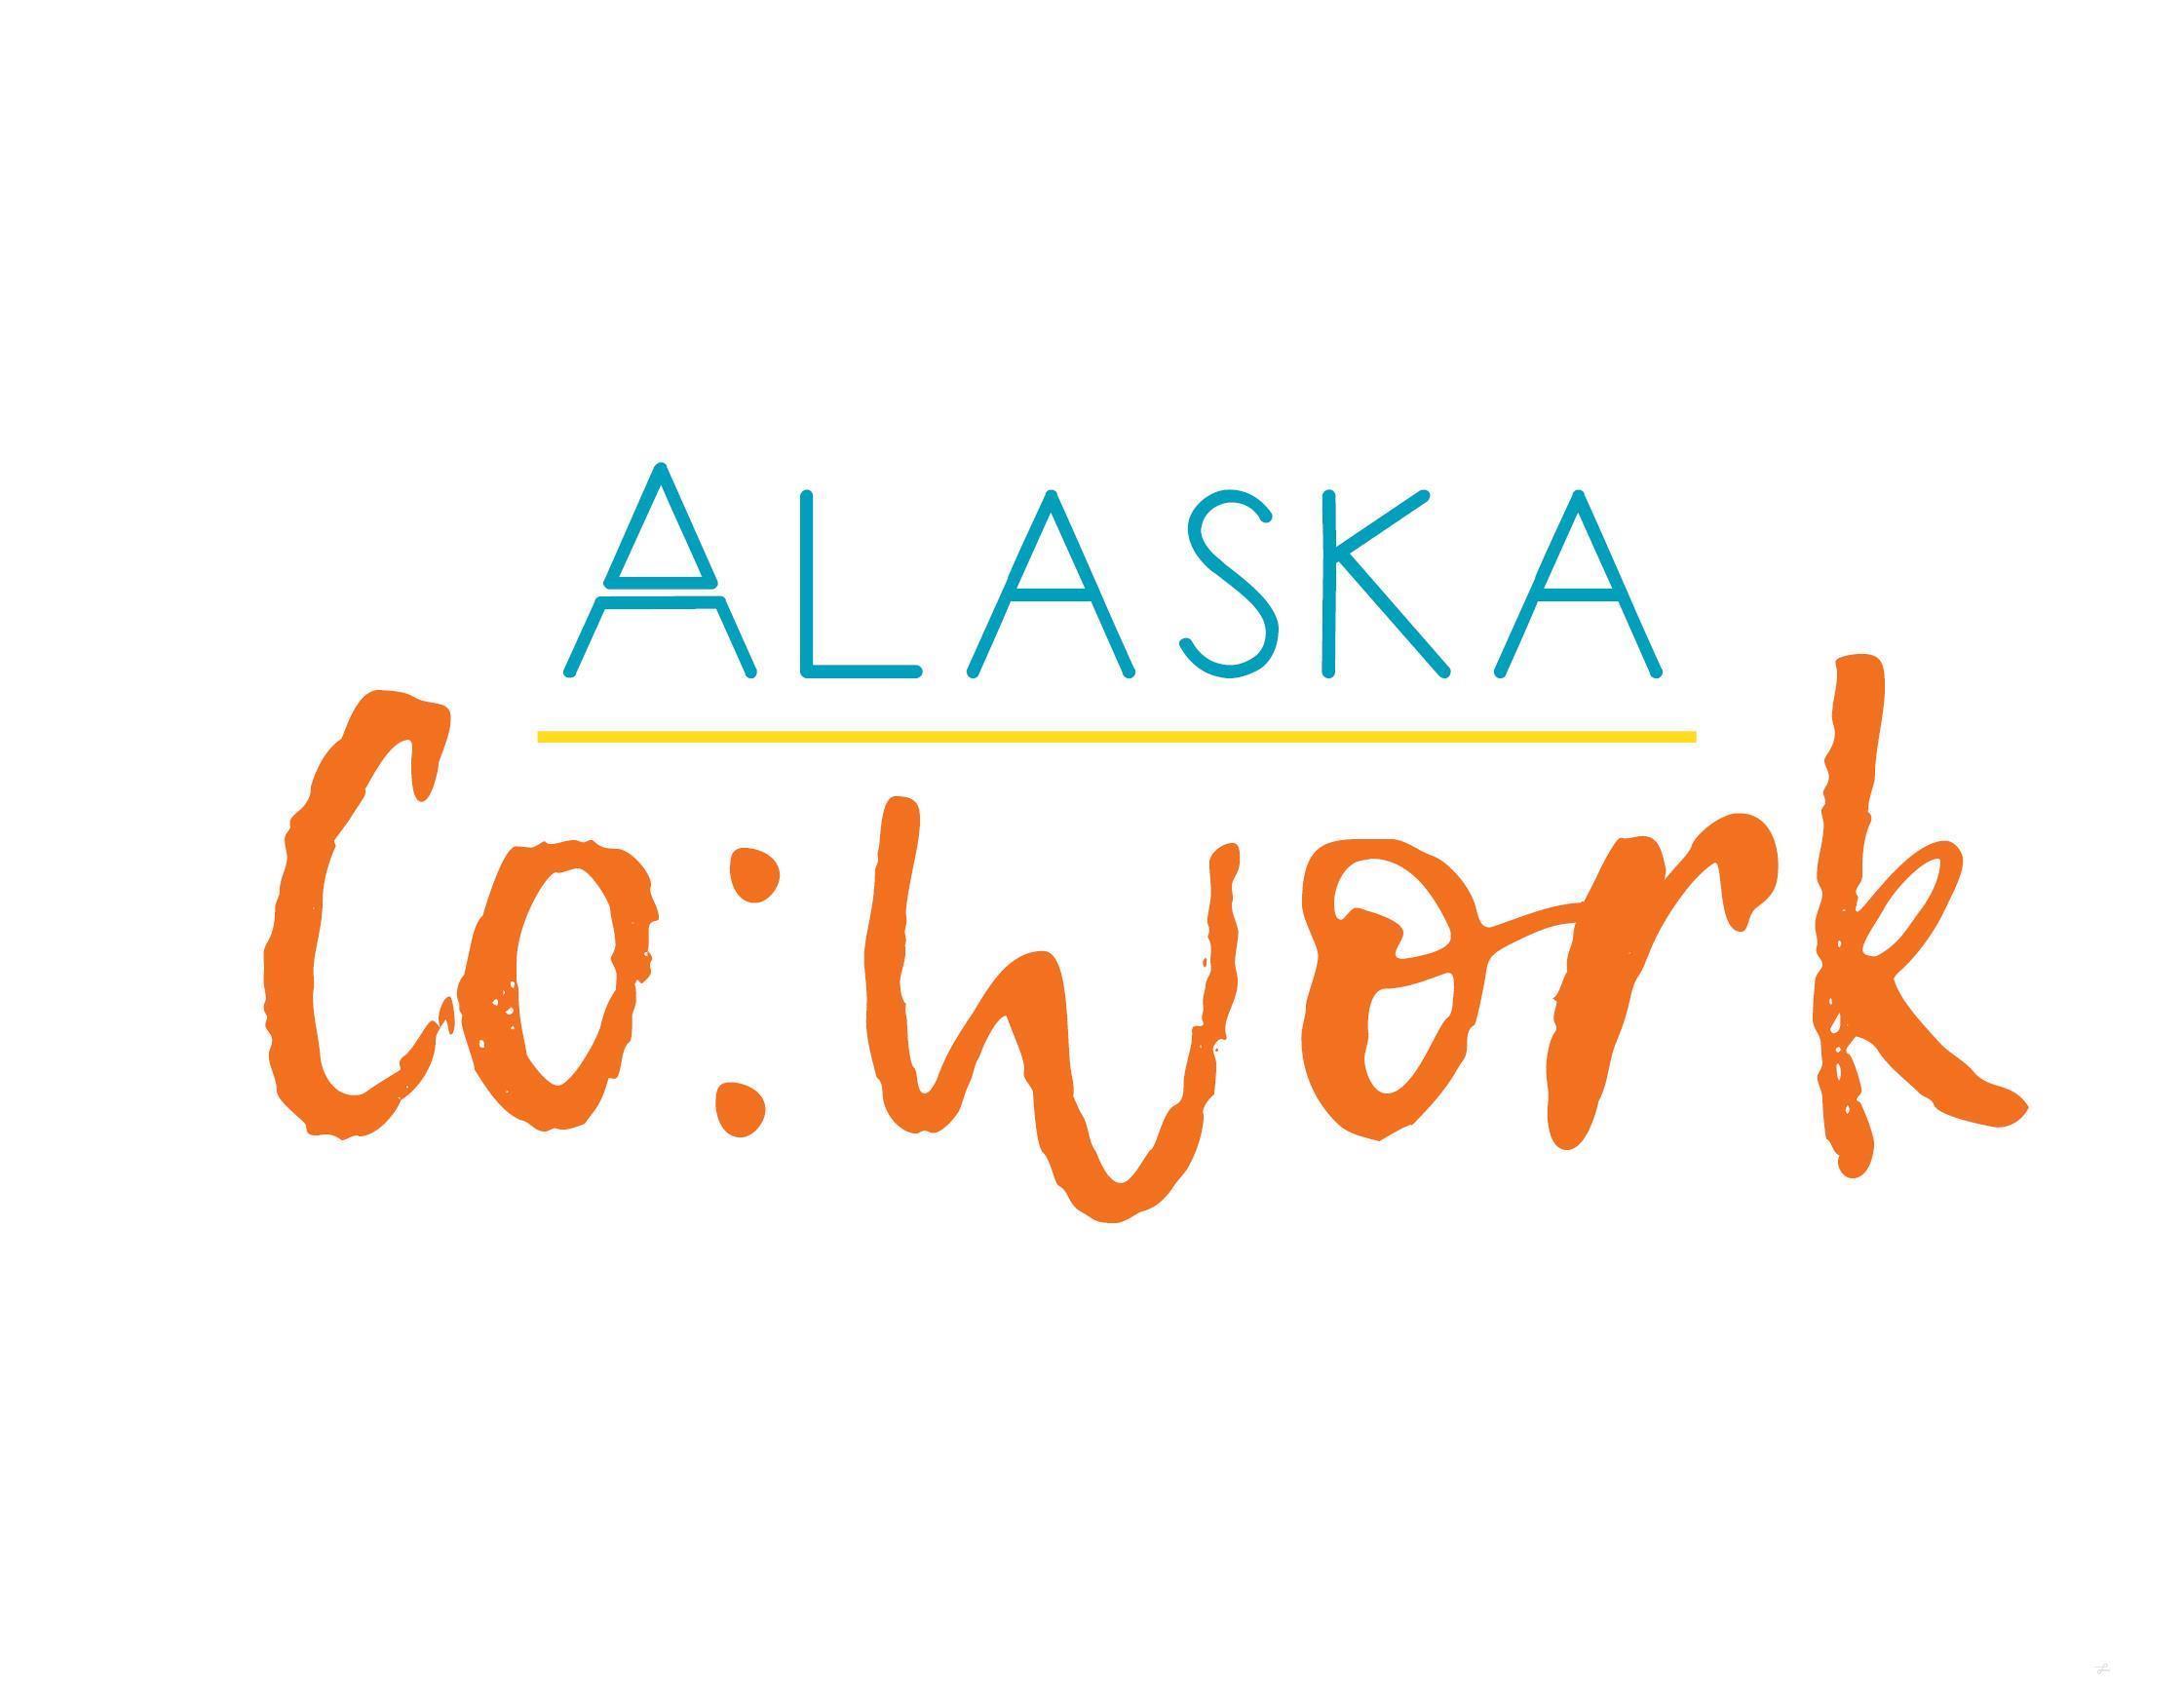 Logo of Alaska Co:Work / Northern Trust Real Estate Building